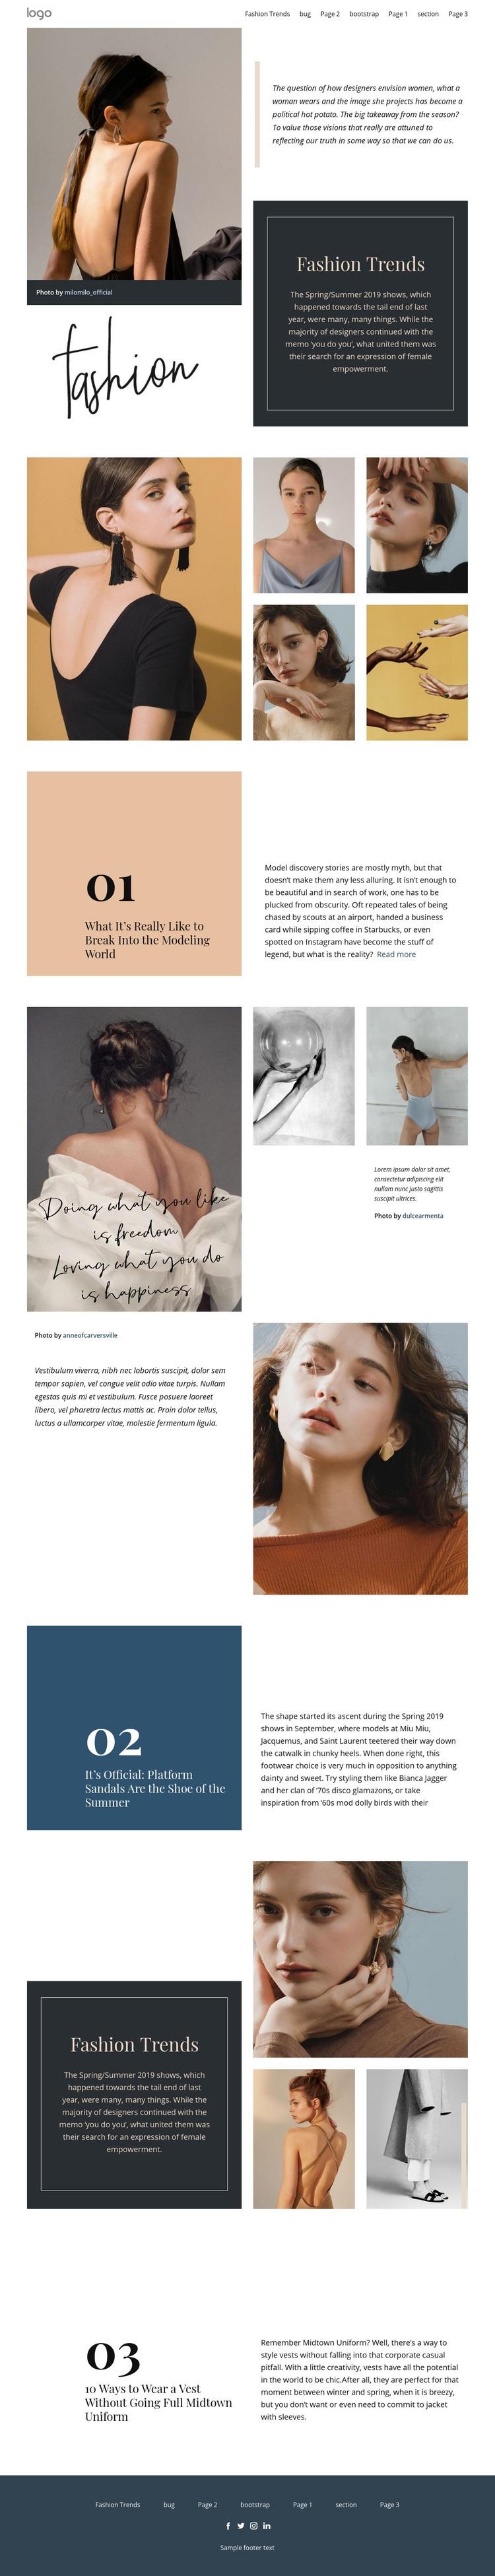 Designer vision of fashion Wysiwyg Editor Html